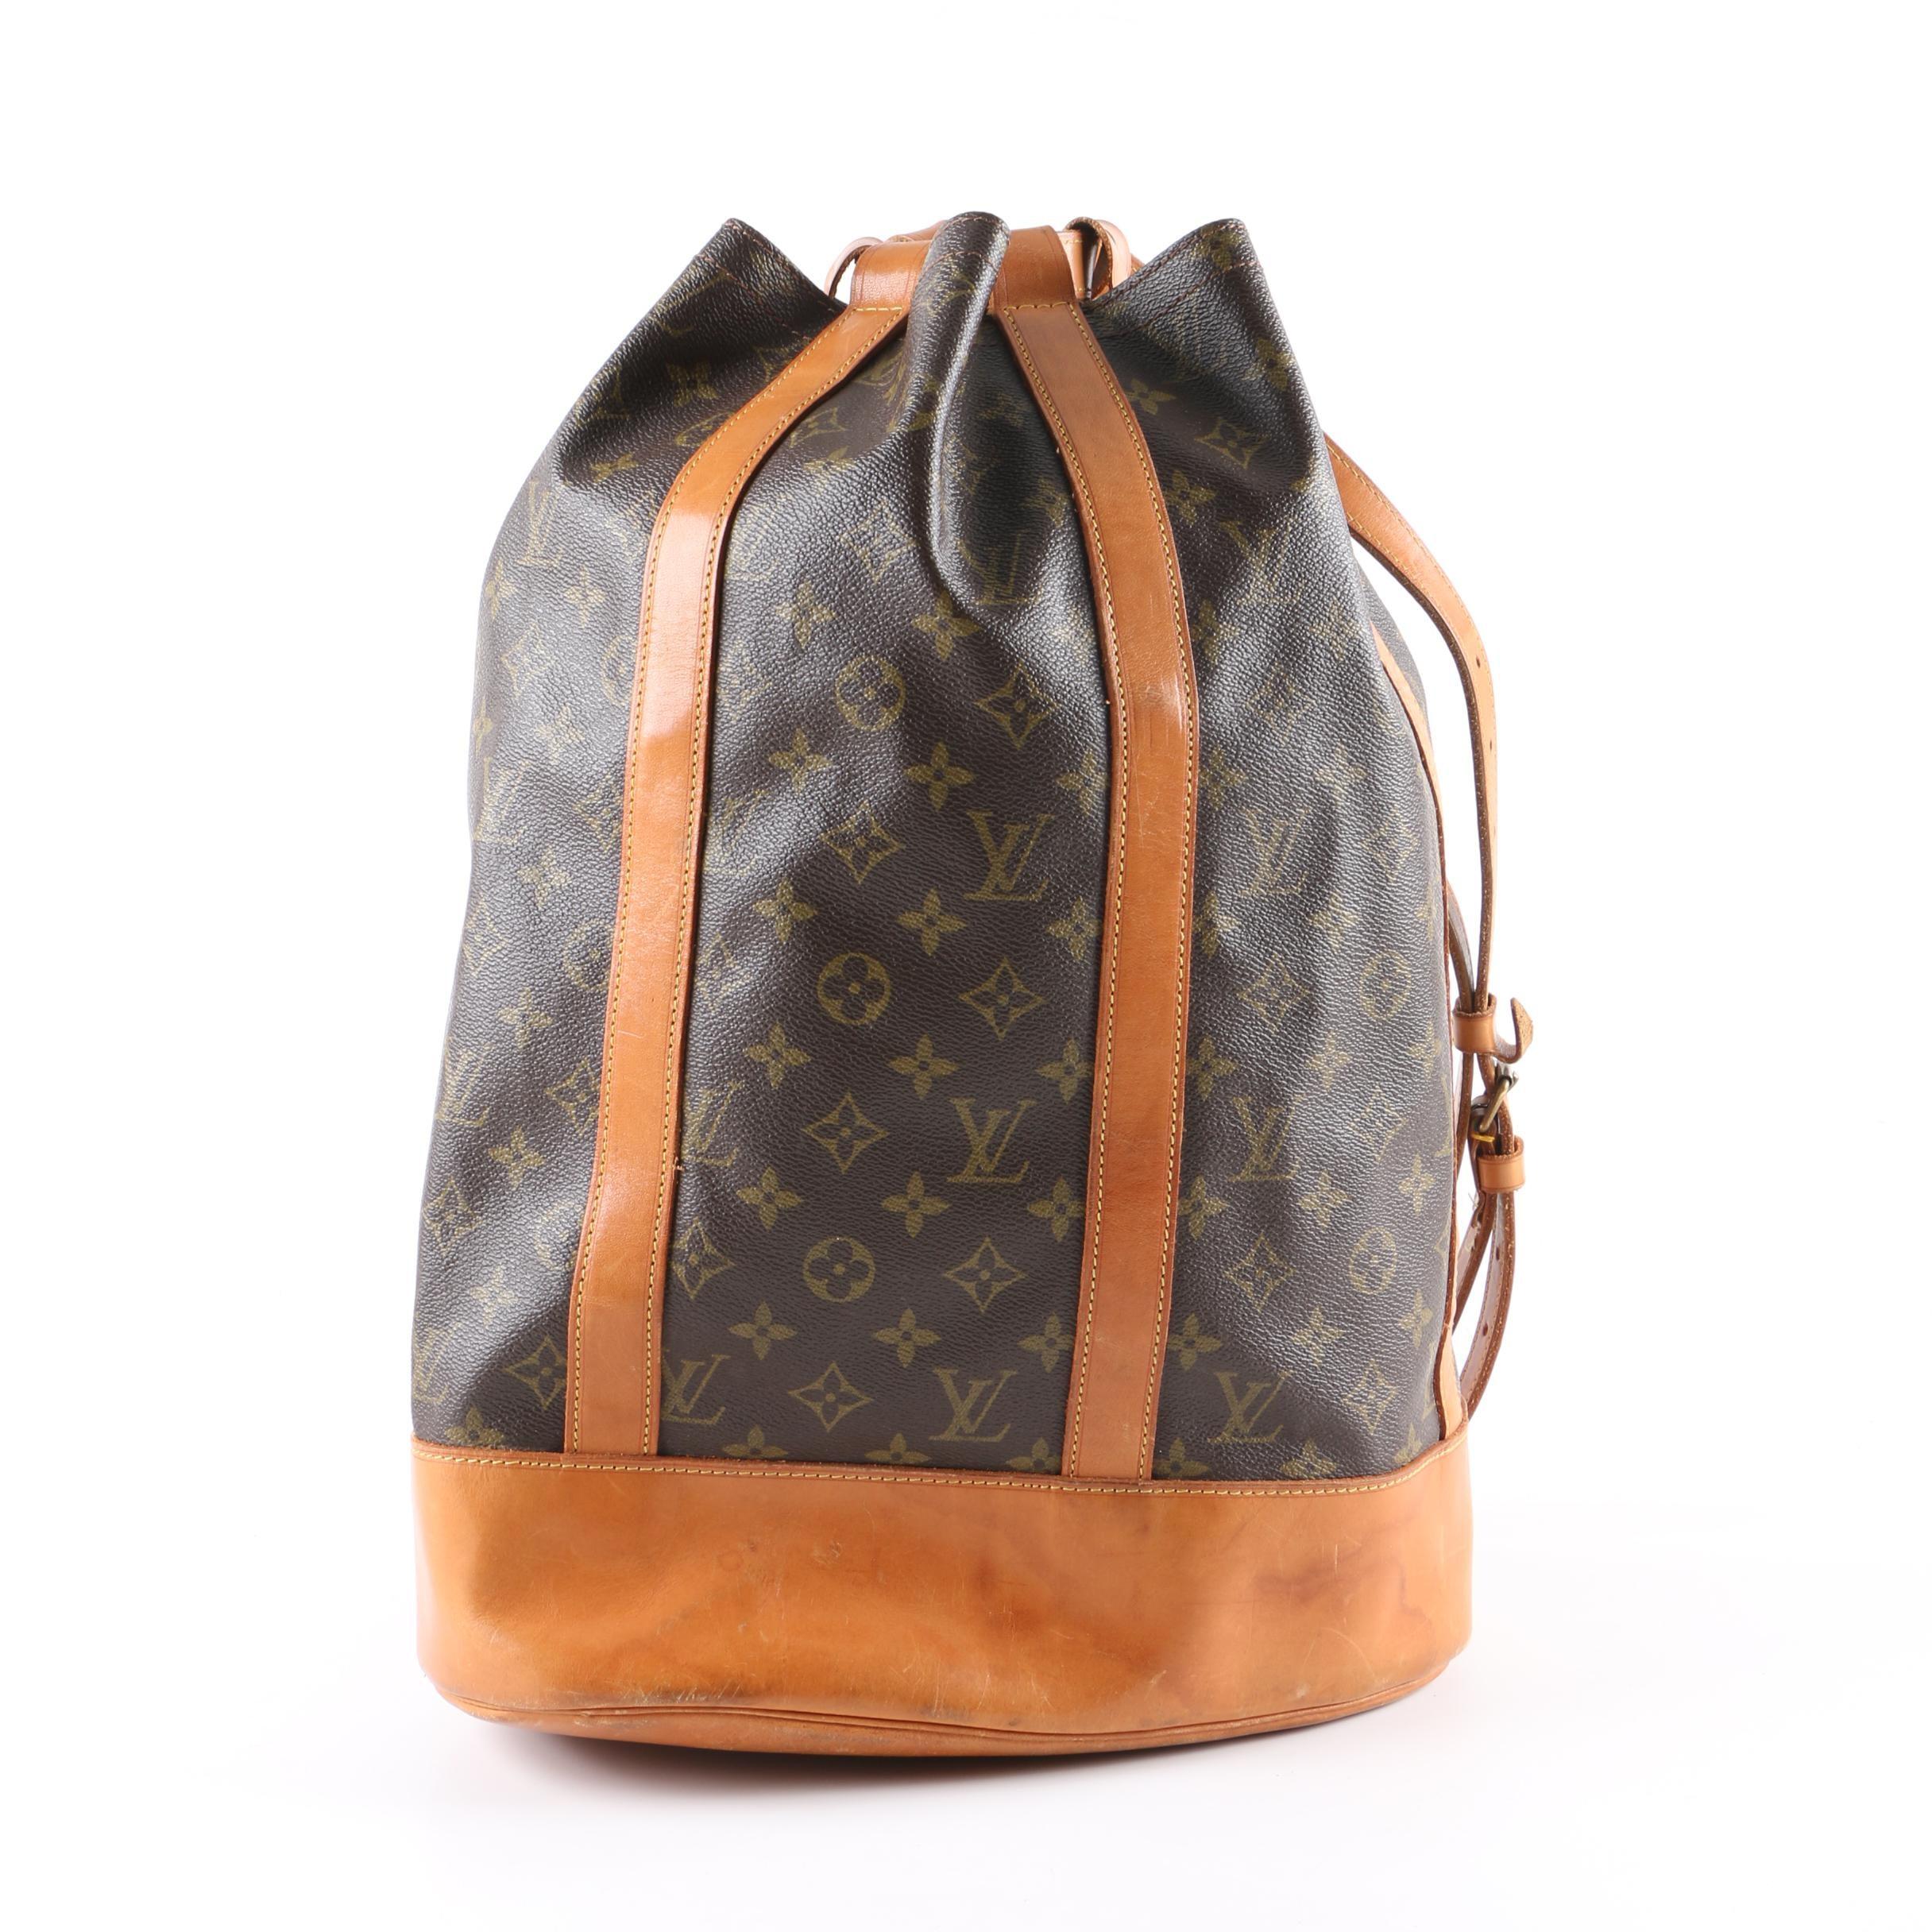 Vintage Louis Vuitton of Paris Sac Randonée GM Monogram Coated Canvas Bucket Bag